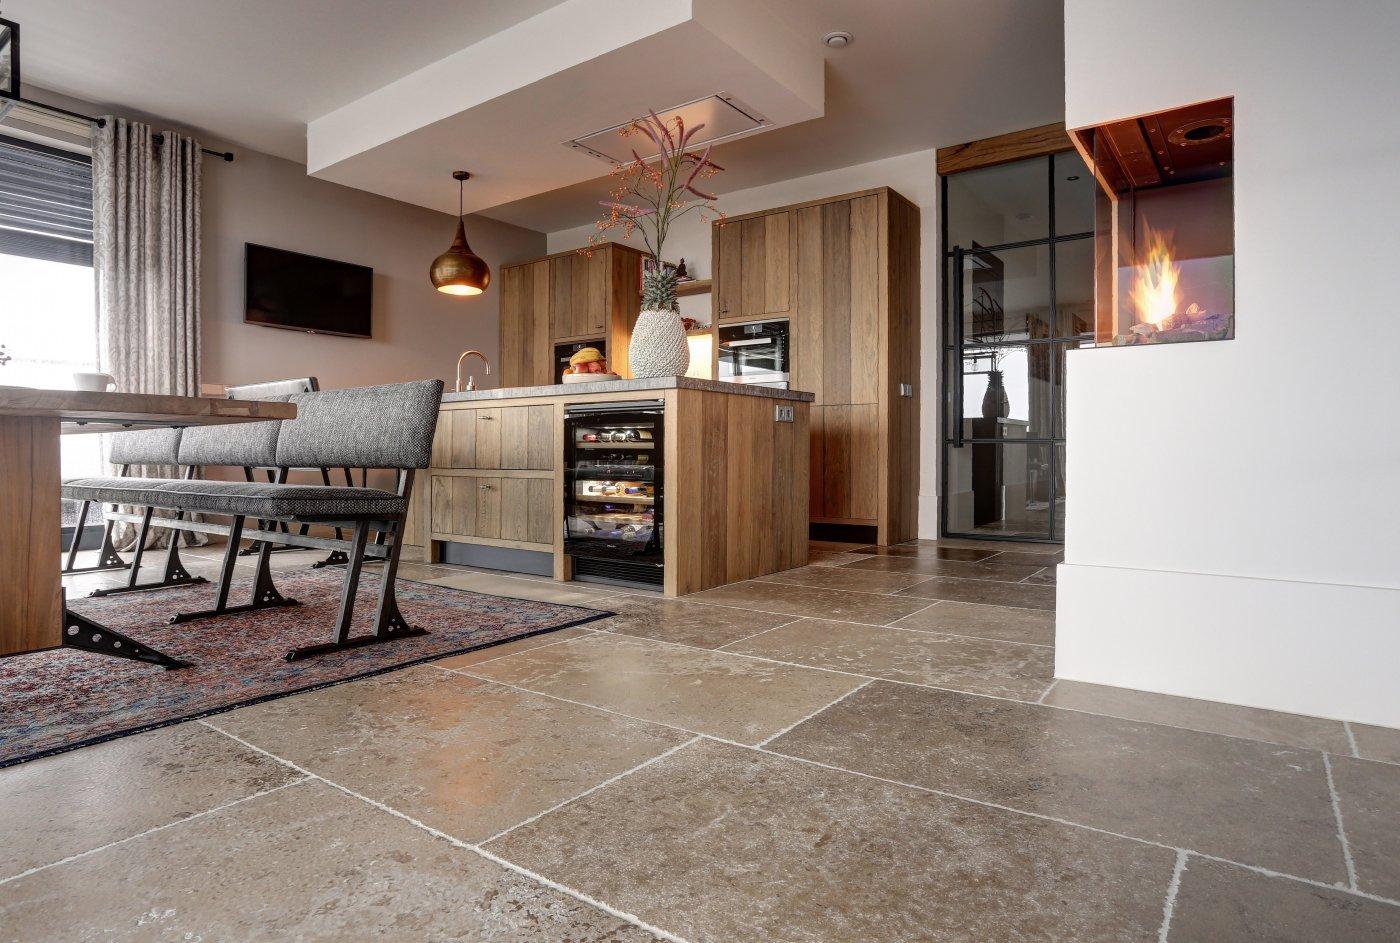 dalles de bourgogne ref n70 bourgondische dallen natuursteen vloeren de opkamer. Black Bedroom Furniture Sets. Home Design Ideas